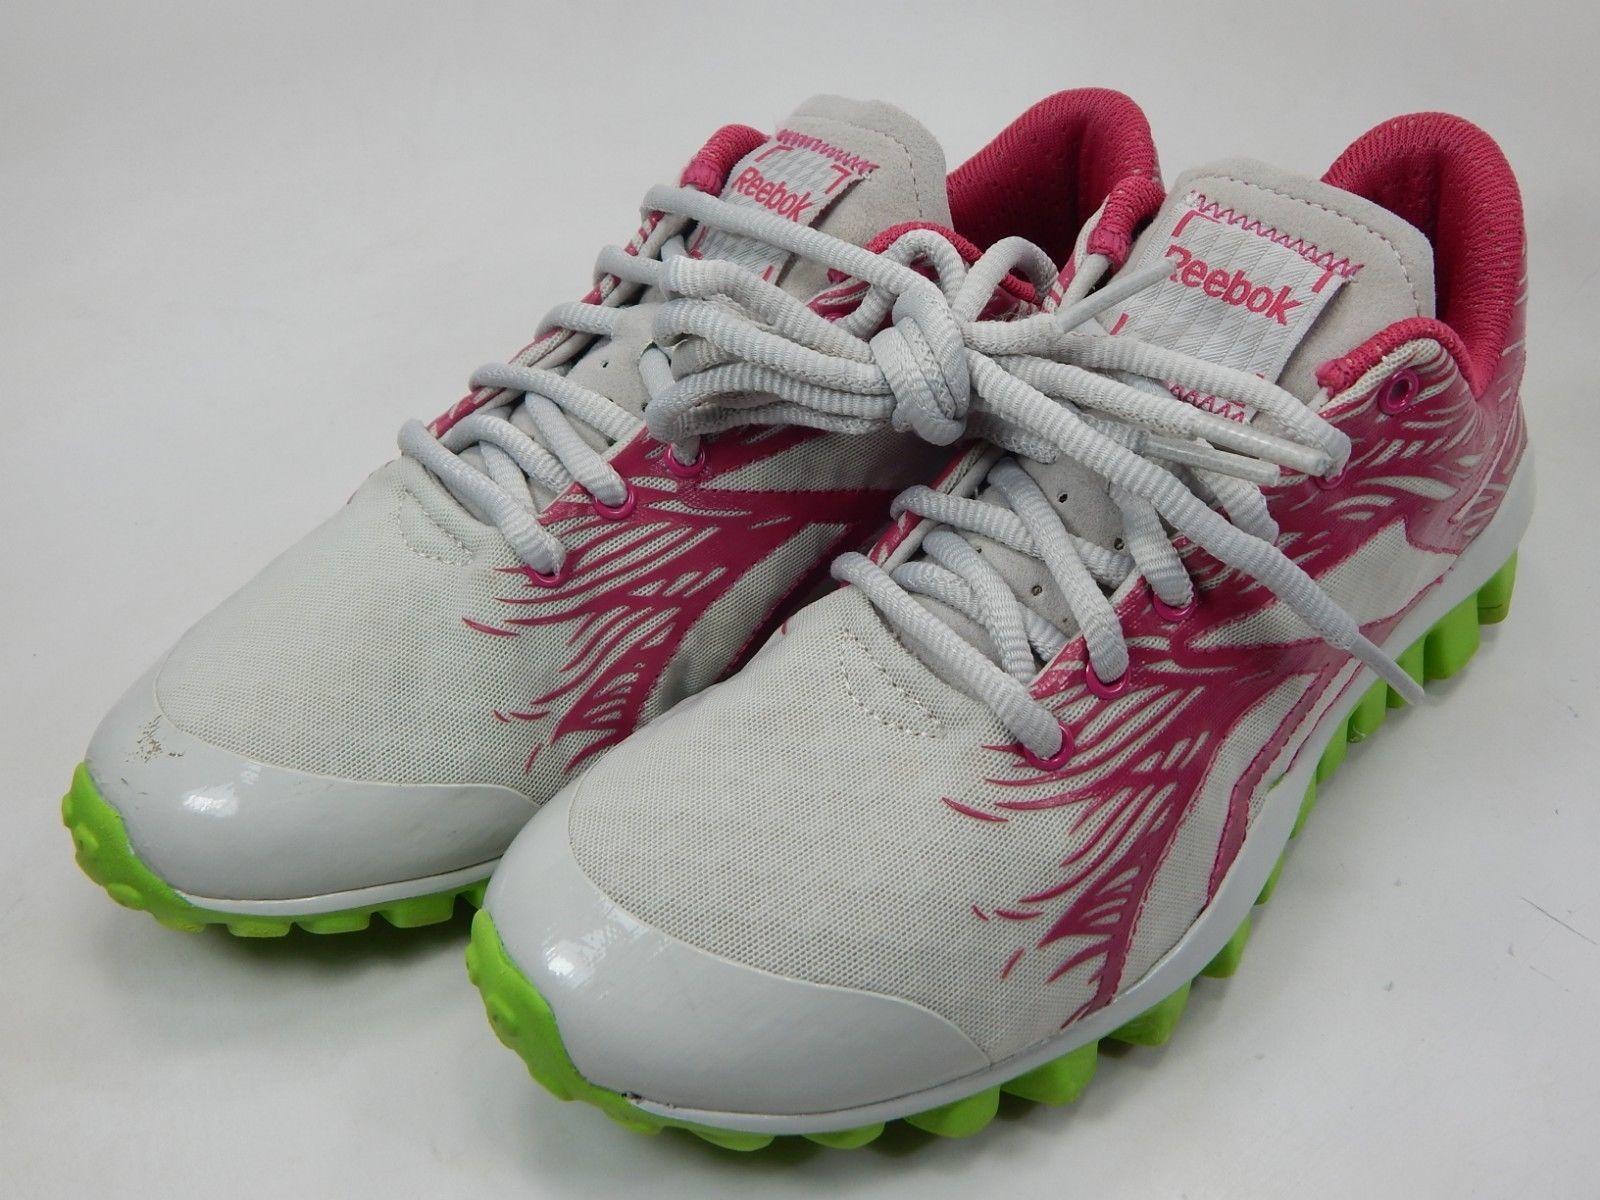 Reebok Classic Size US 7.5 M (B) EU 38 Women's Running Shoes Gray Pink J94698